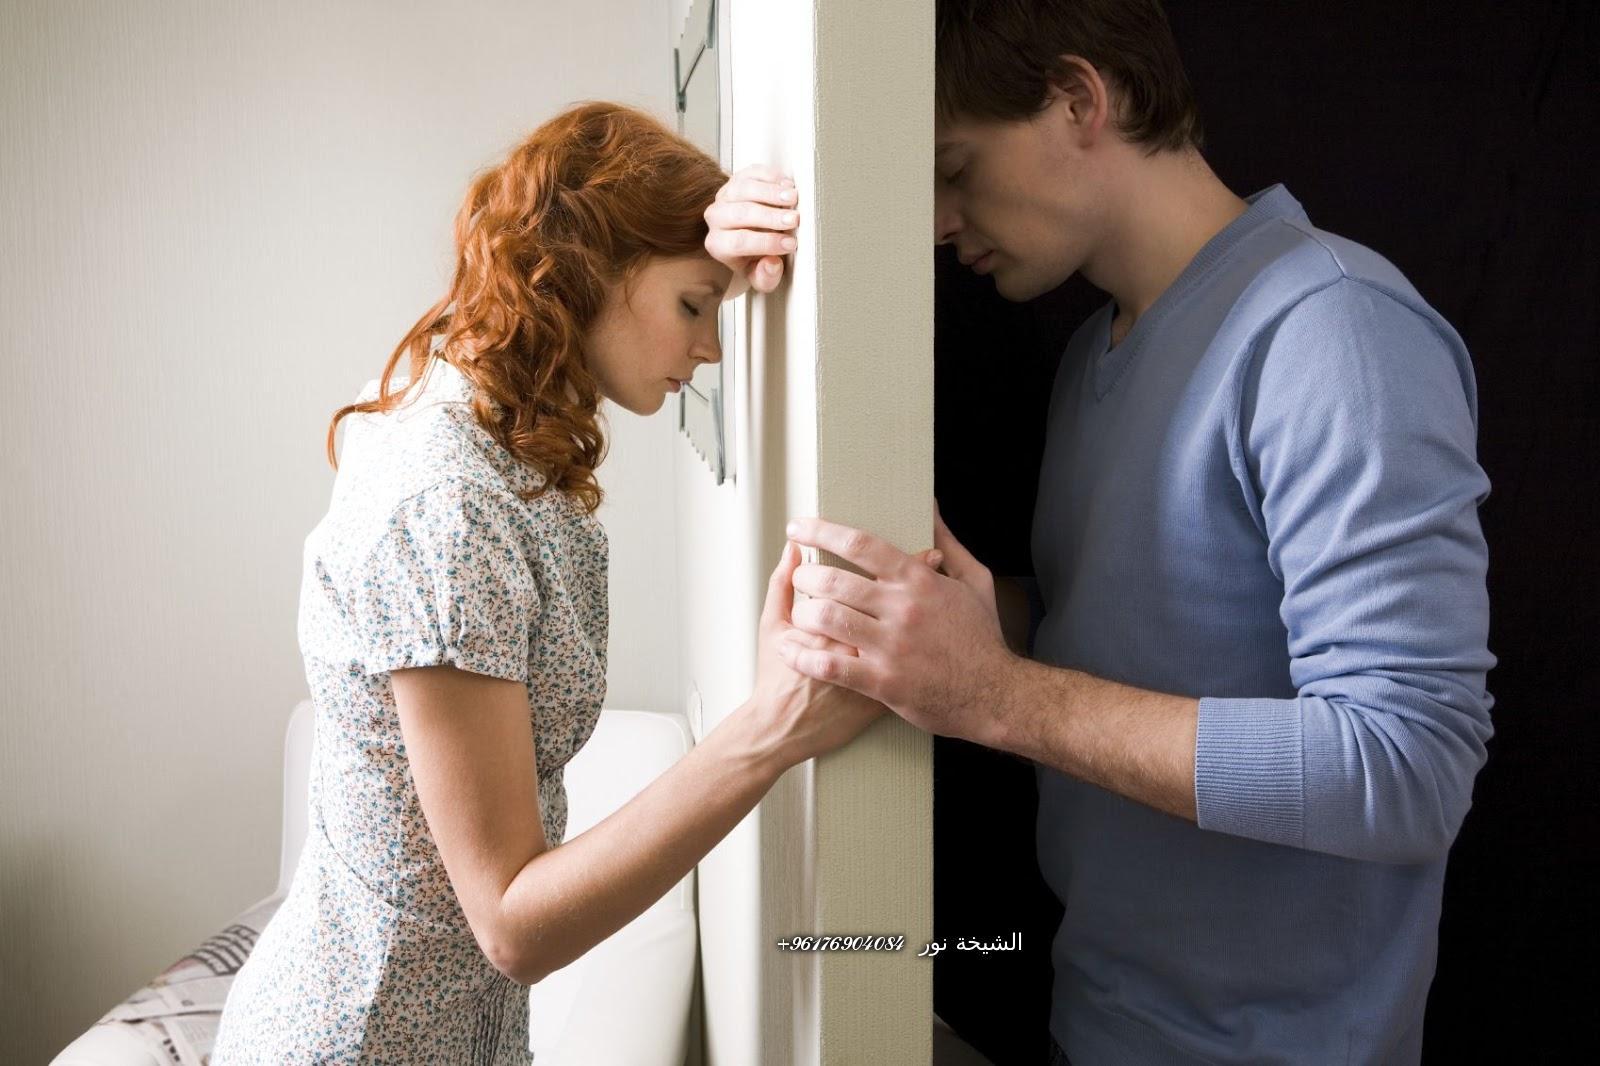 صورة الشيخة نور الصادقة 0096176904084-وصفة رجوع الزوج لزوجتة حتى ولو بعد الطلاق